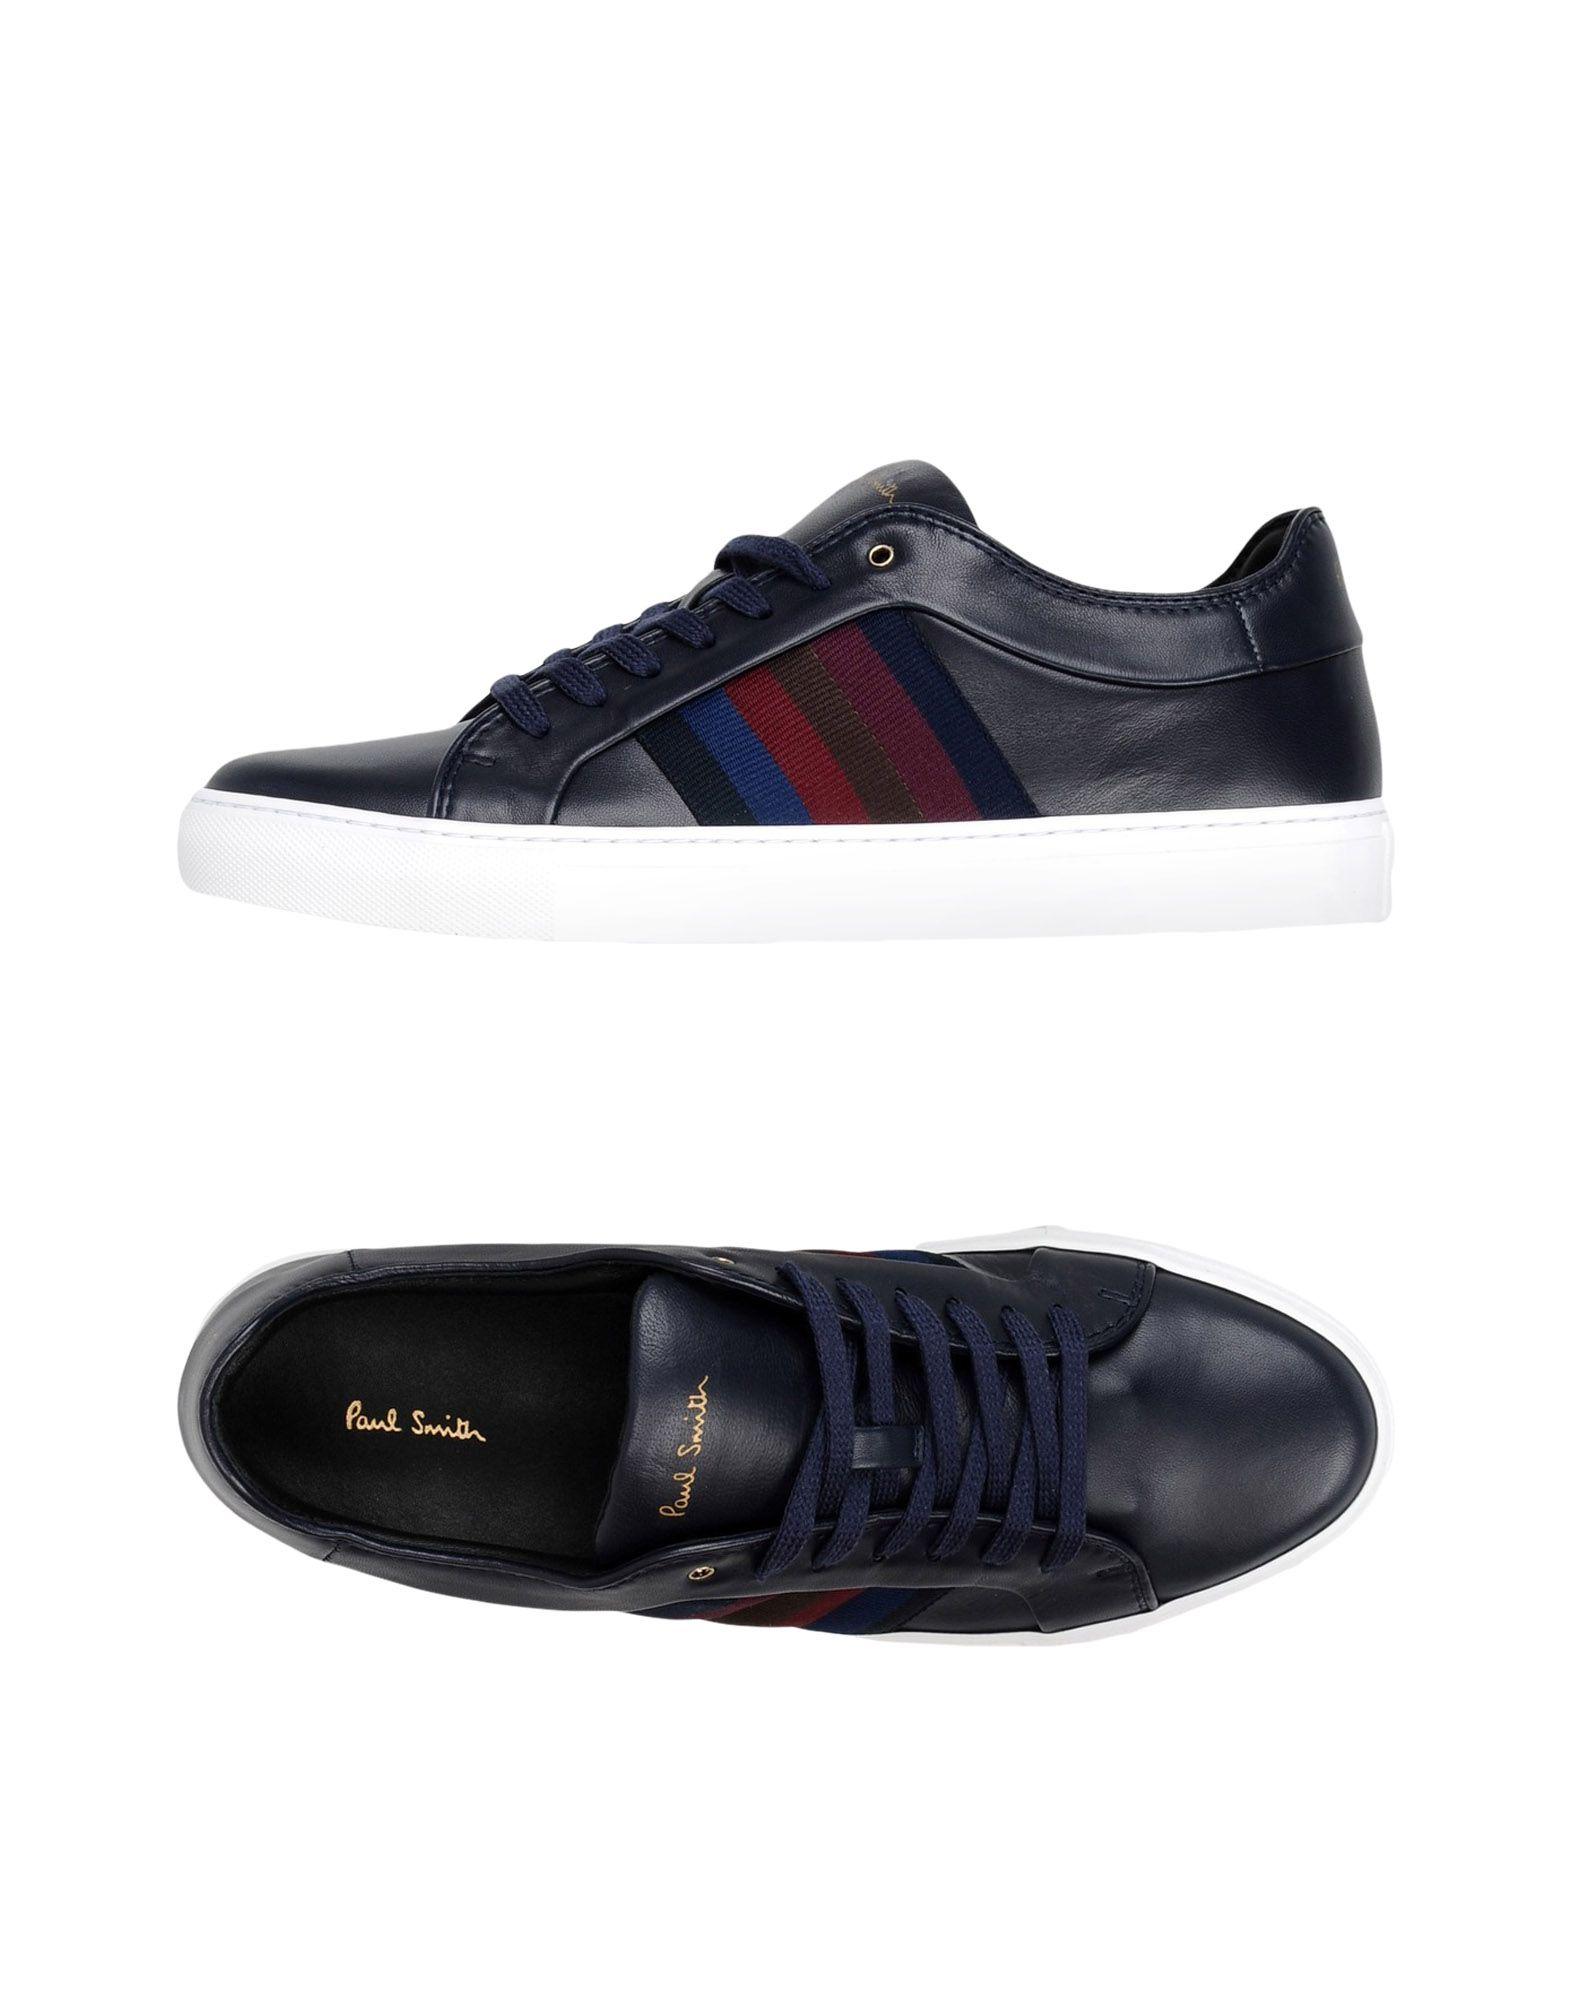 Paul Smith Mens Shoe Ivo Dark Na  11312724QO Gute Qualität beliebte Schuhe